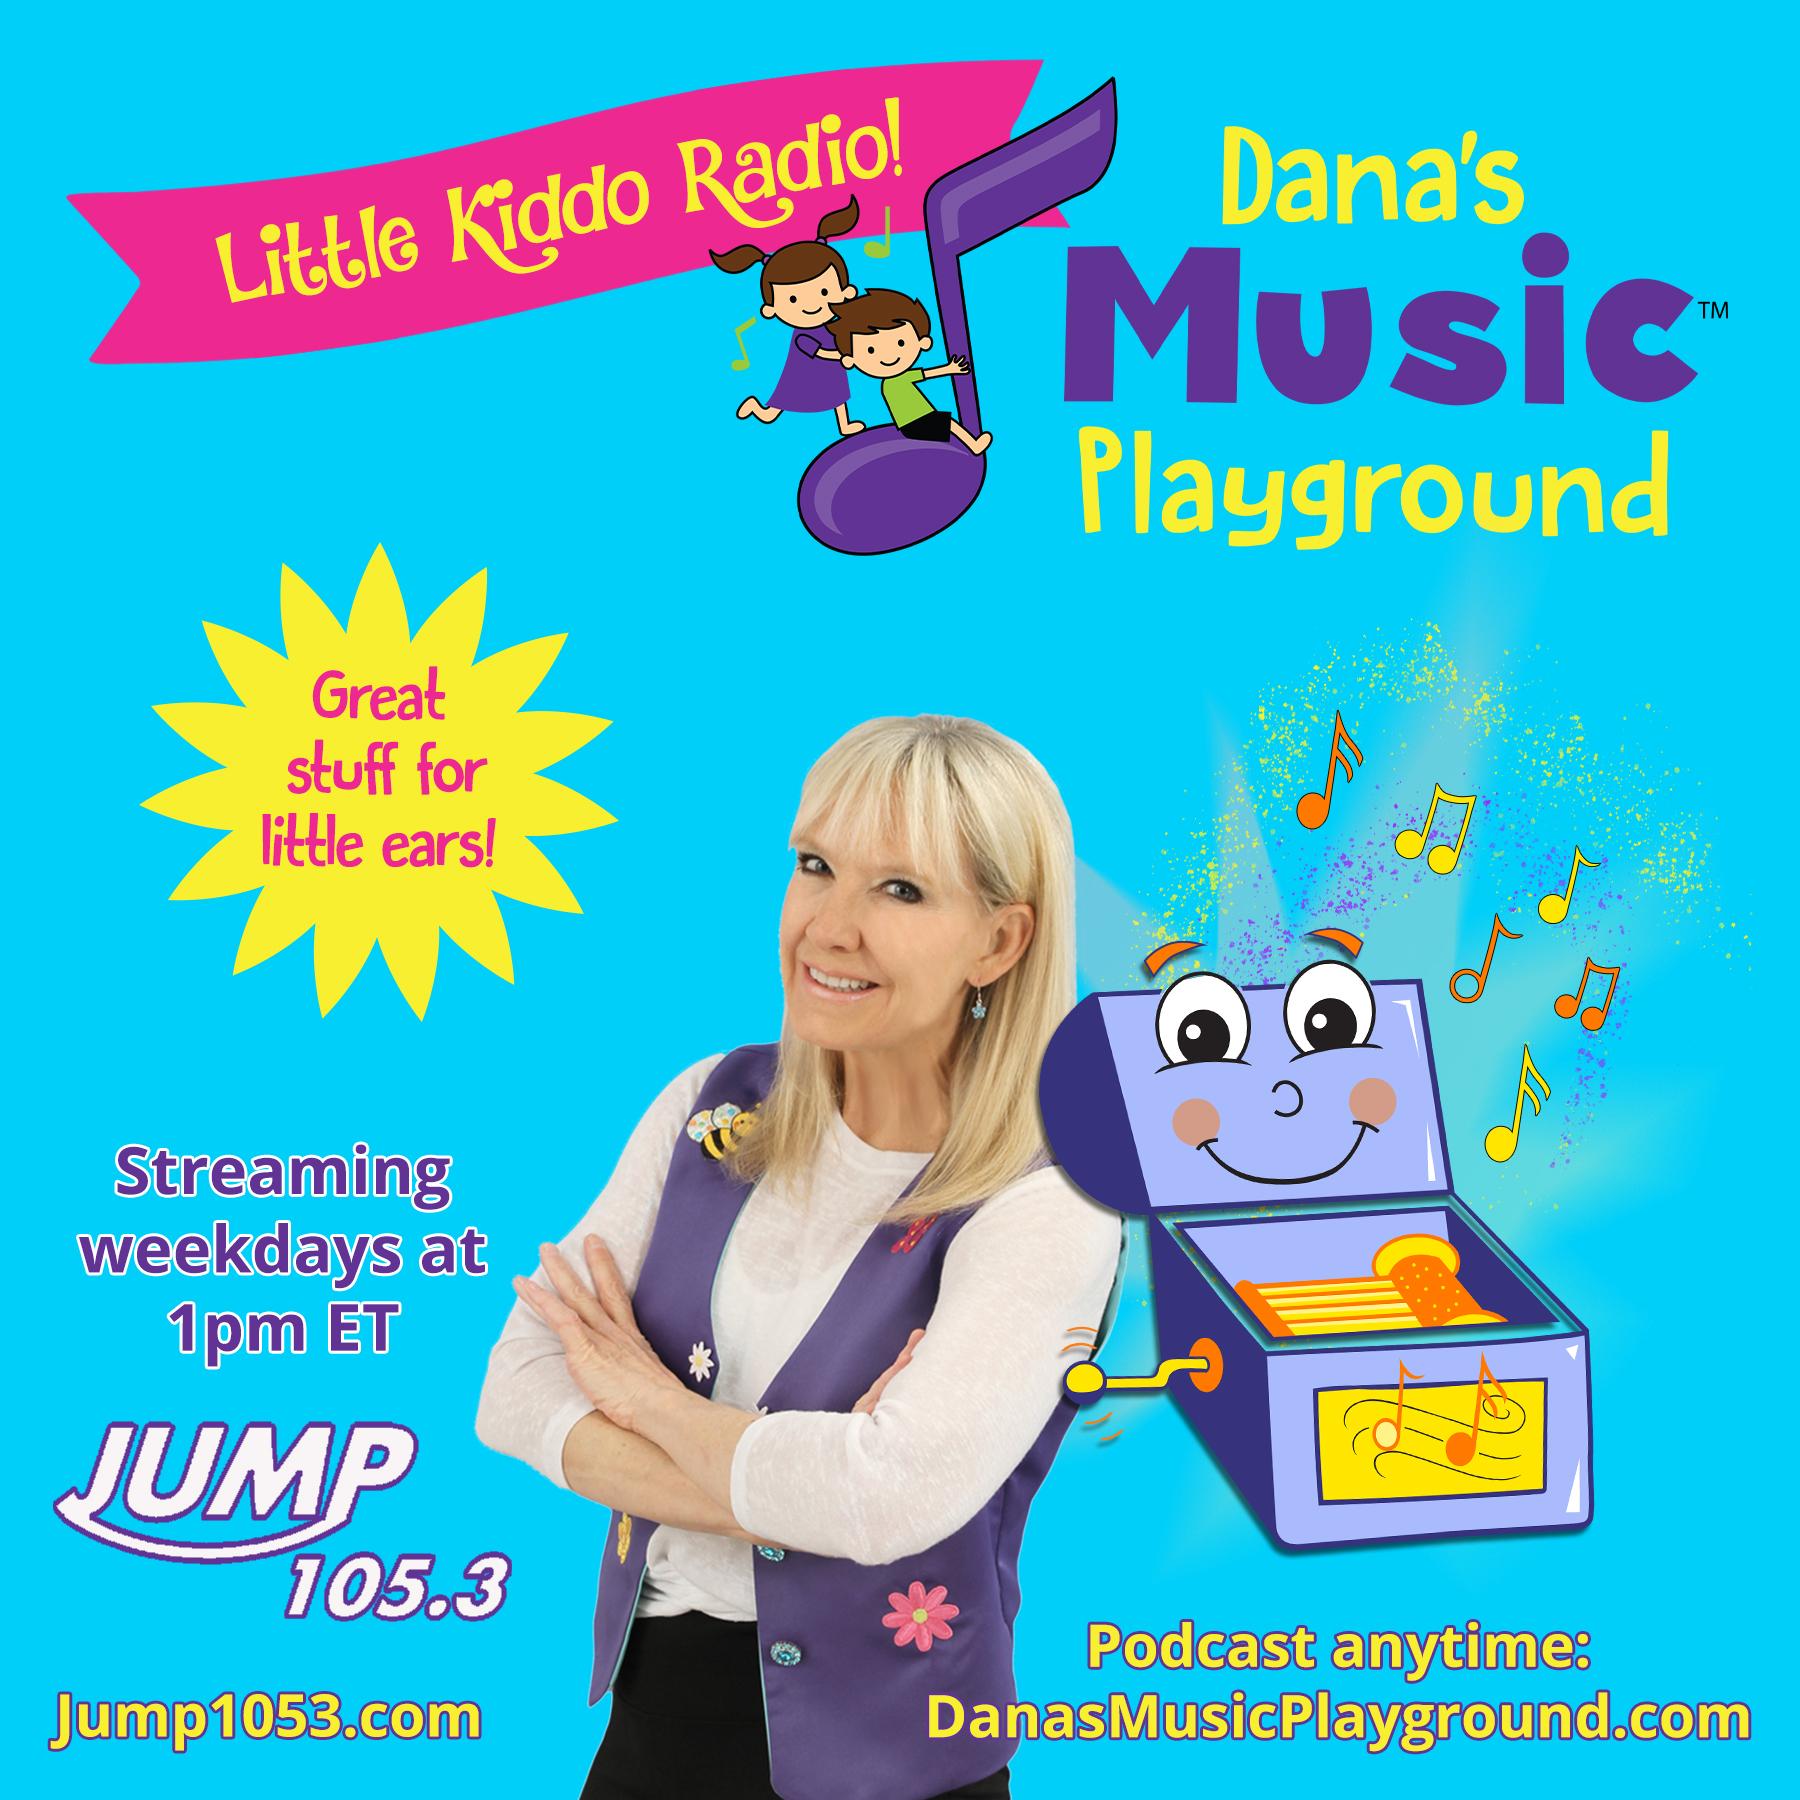 Dana's Music Playground Podcast